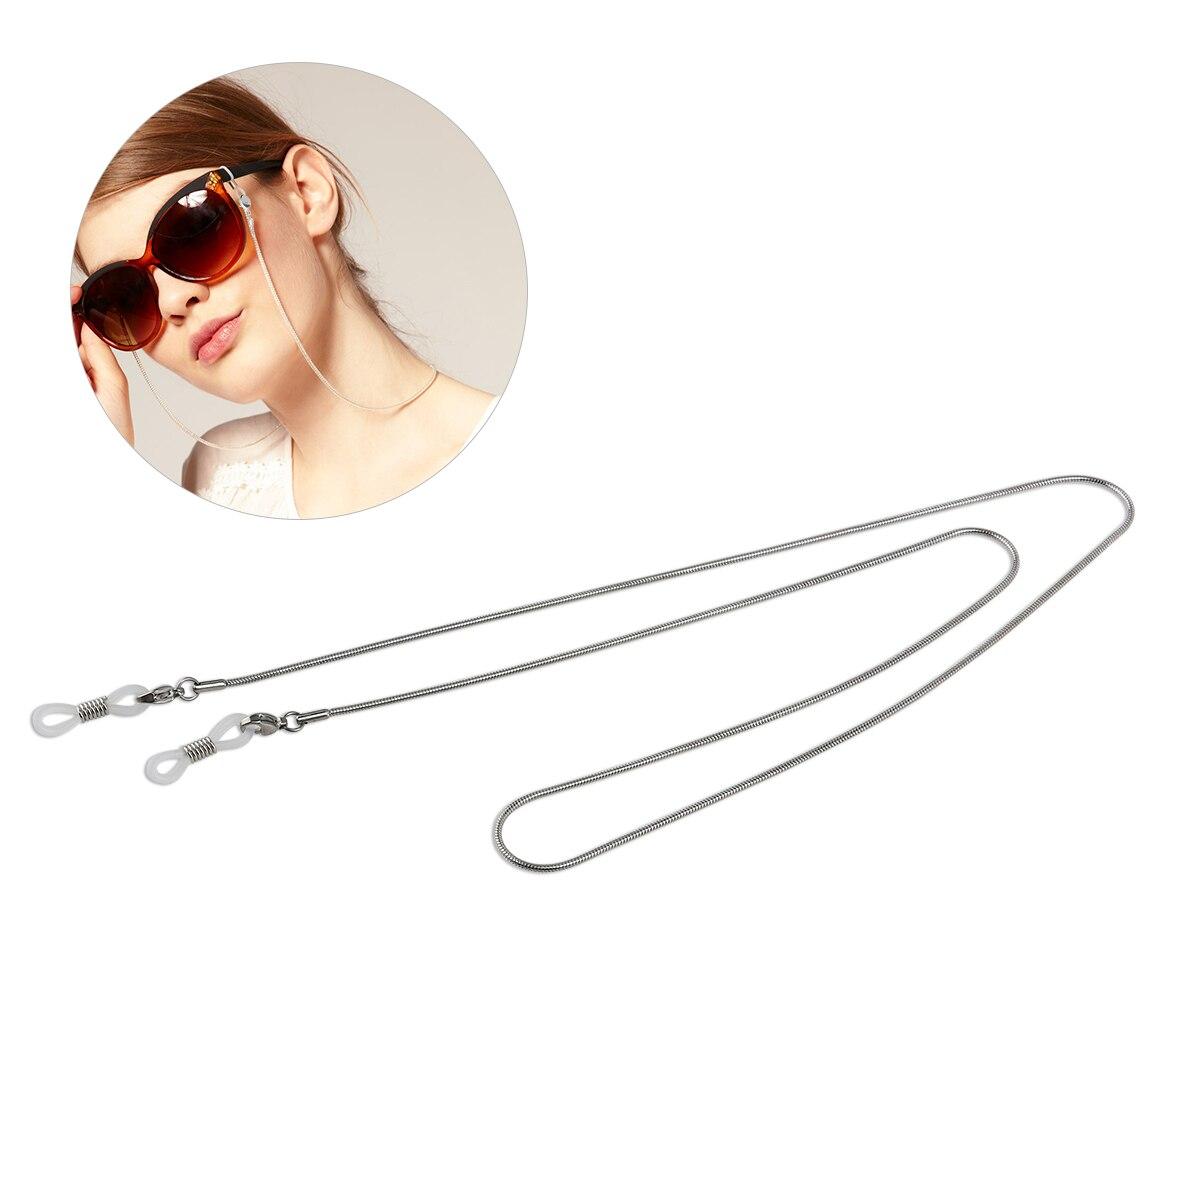 Accessoires silber Herren-brillen Ehrlichkeit 70 Cm Lange Nicht-slip Kupfer Brillen Sonnenbrille Kette Schnur Neck Strap Halter